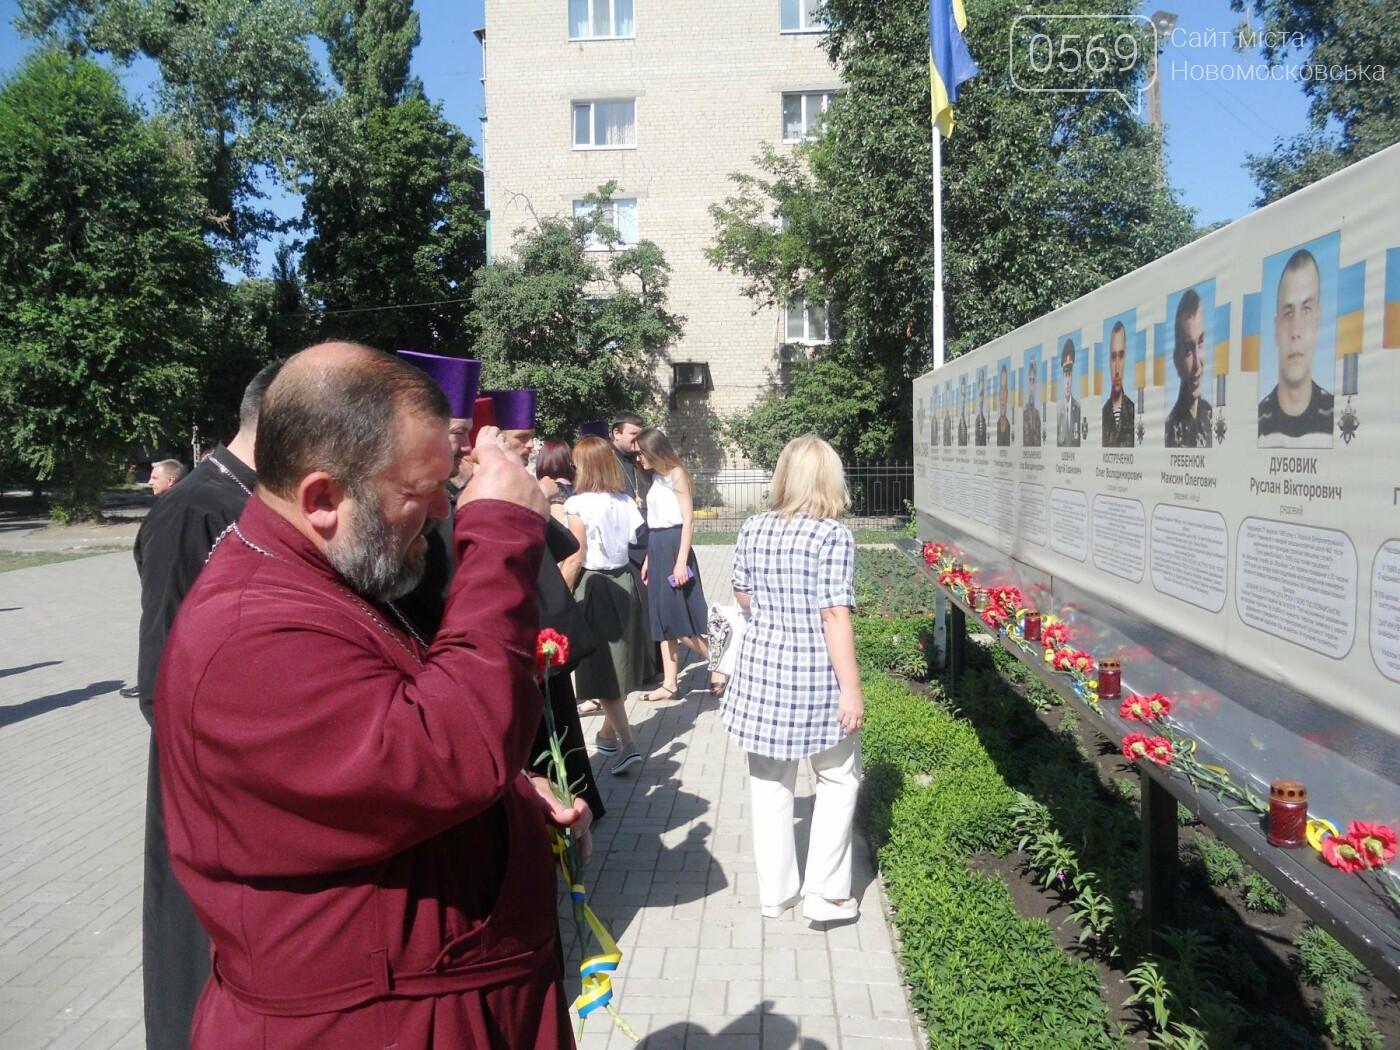 В Новомосковську вшанували пам'ять жертв Другої світової війни, фото-10